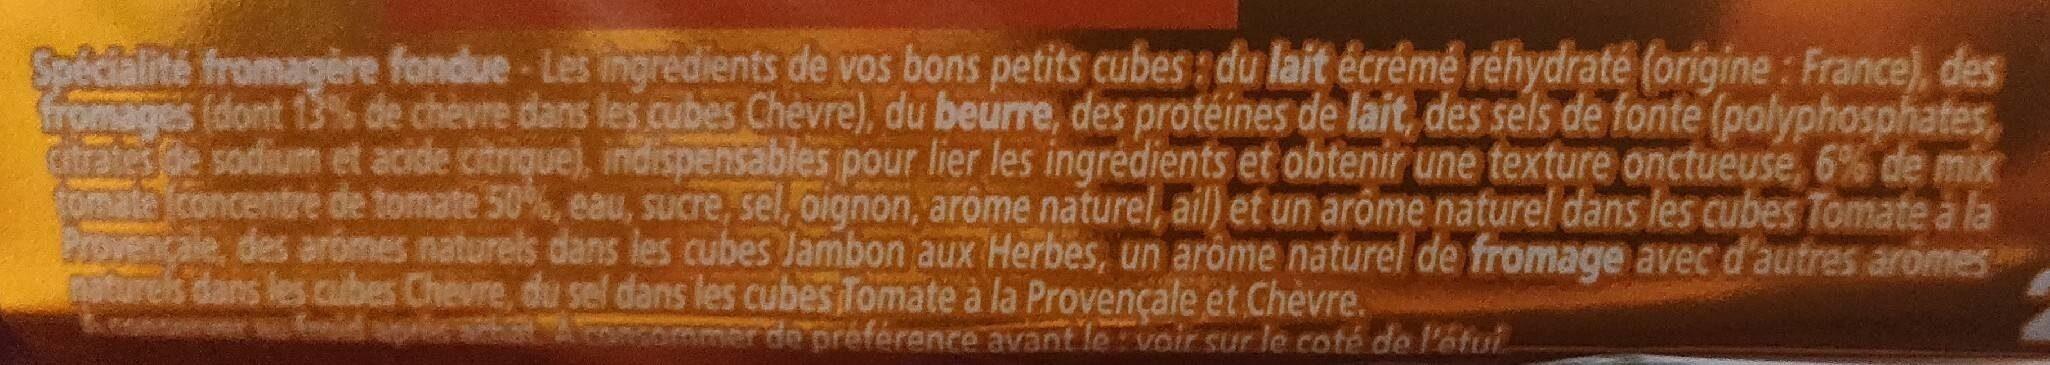 Apéricube Recettes Provencales - Voedingswaarden - fr